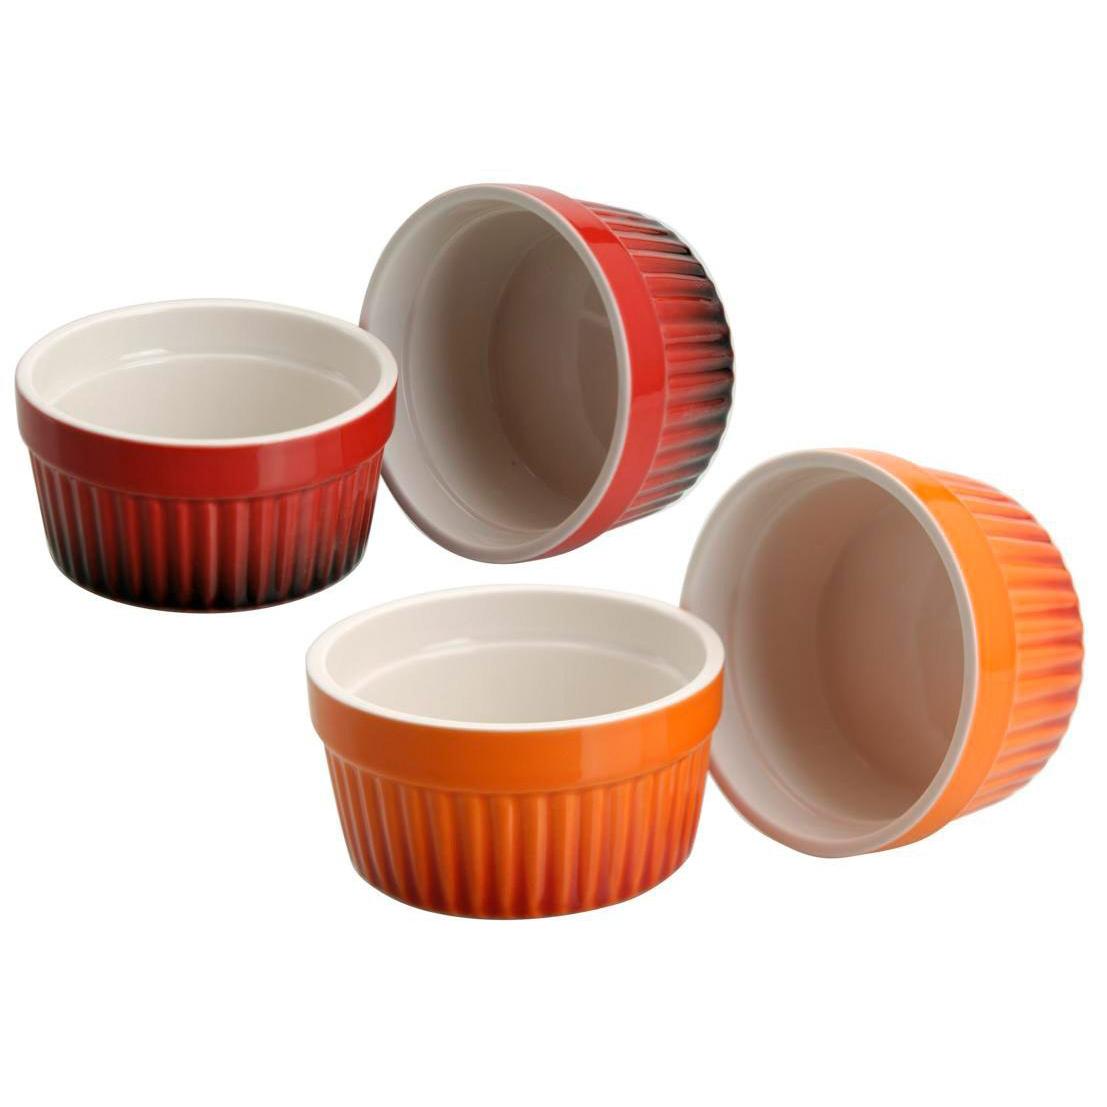 Форма для выпекания 9х4,6см рыжий/терракотовыйИзделия компании KOOPMAN INTERNATIONAL изготовлены из высококачественной керамики. Высокое качество посуды из керамики данной марки достигается не только использованием качественного сырья, а и контролем производства продукции на всех этапах. В результате работа квалифицированных специалистов и дизайнеров видна на современной посуде этой компании.<br>